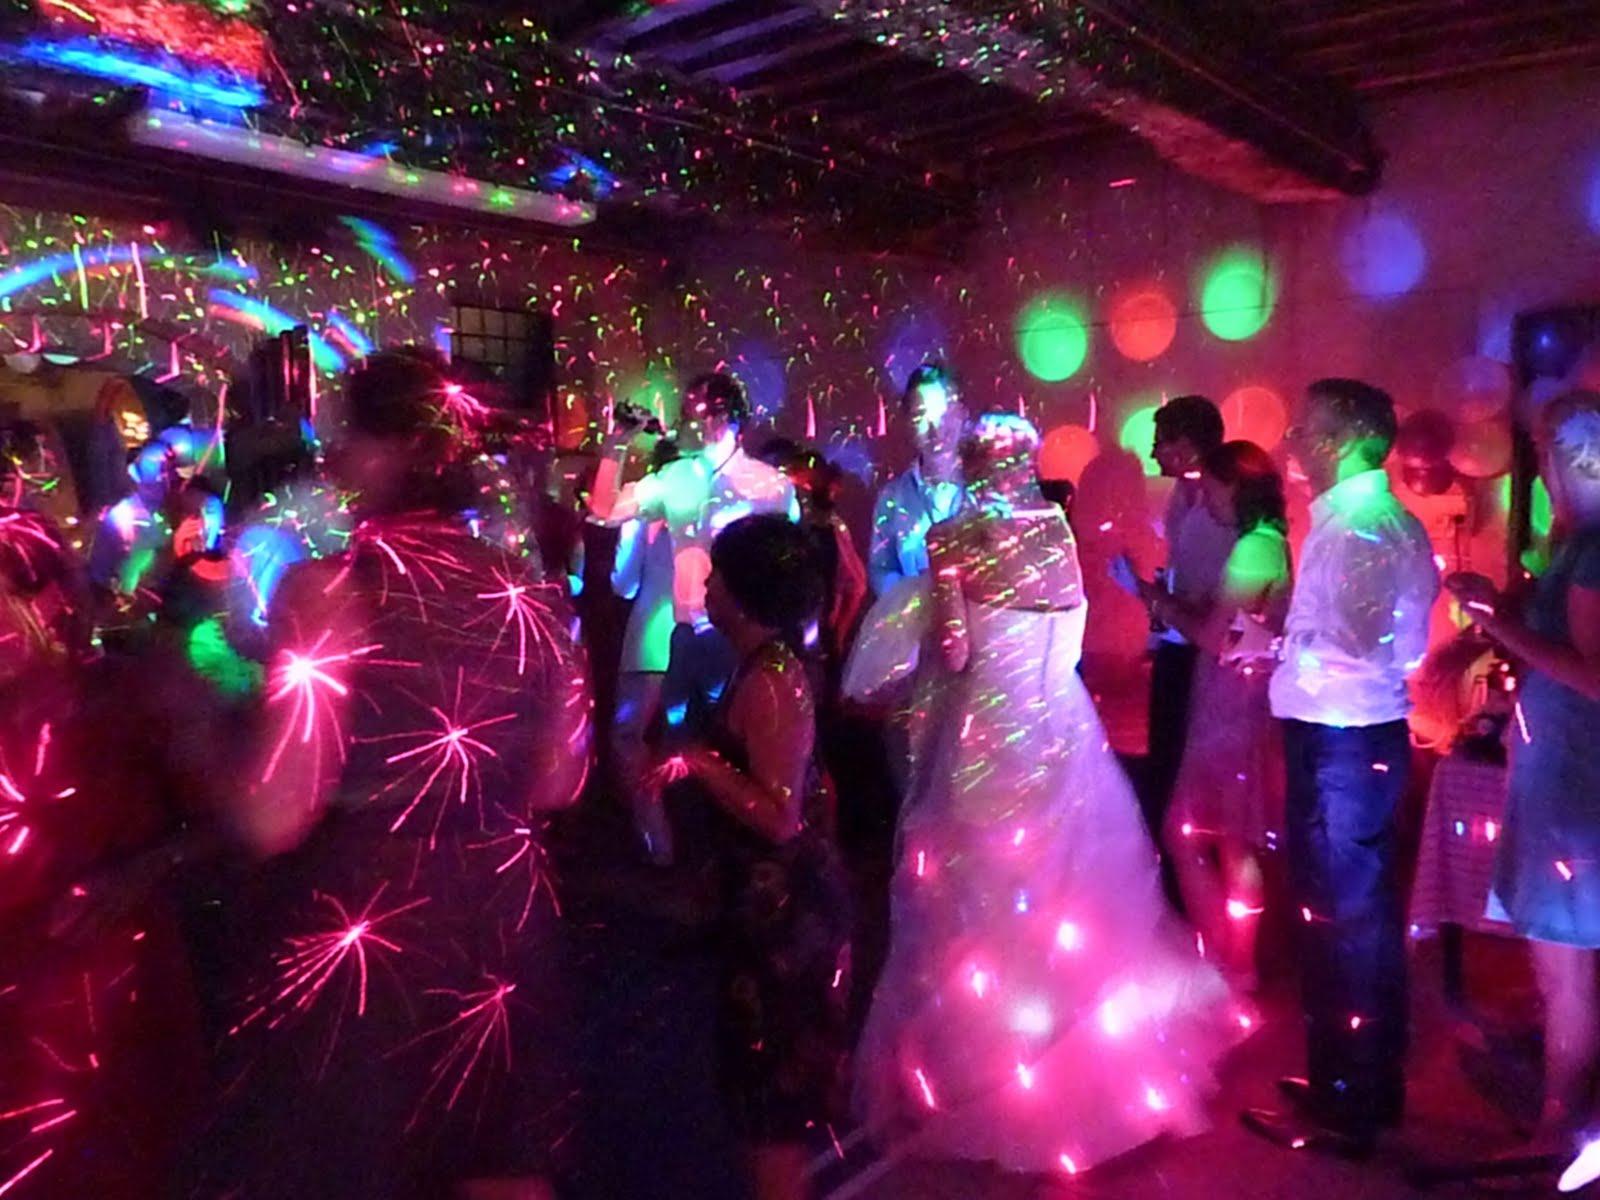 http://2.bp.blogspot.com/_kADMhWGwr1g/S_-RS5CJB5I/AAAAAAAAAlQ/r4sMY3riELA/s1600/10-wedding-dj-in-tuscany.JPG